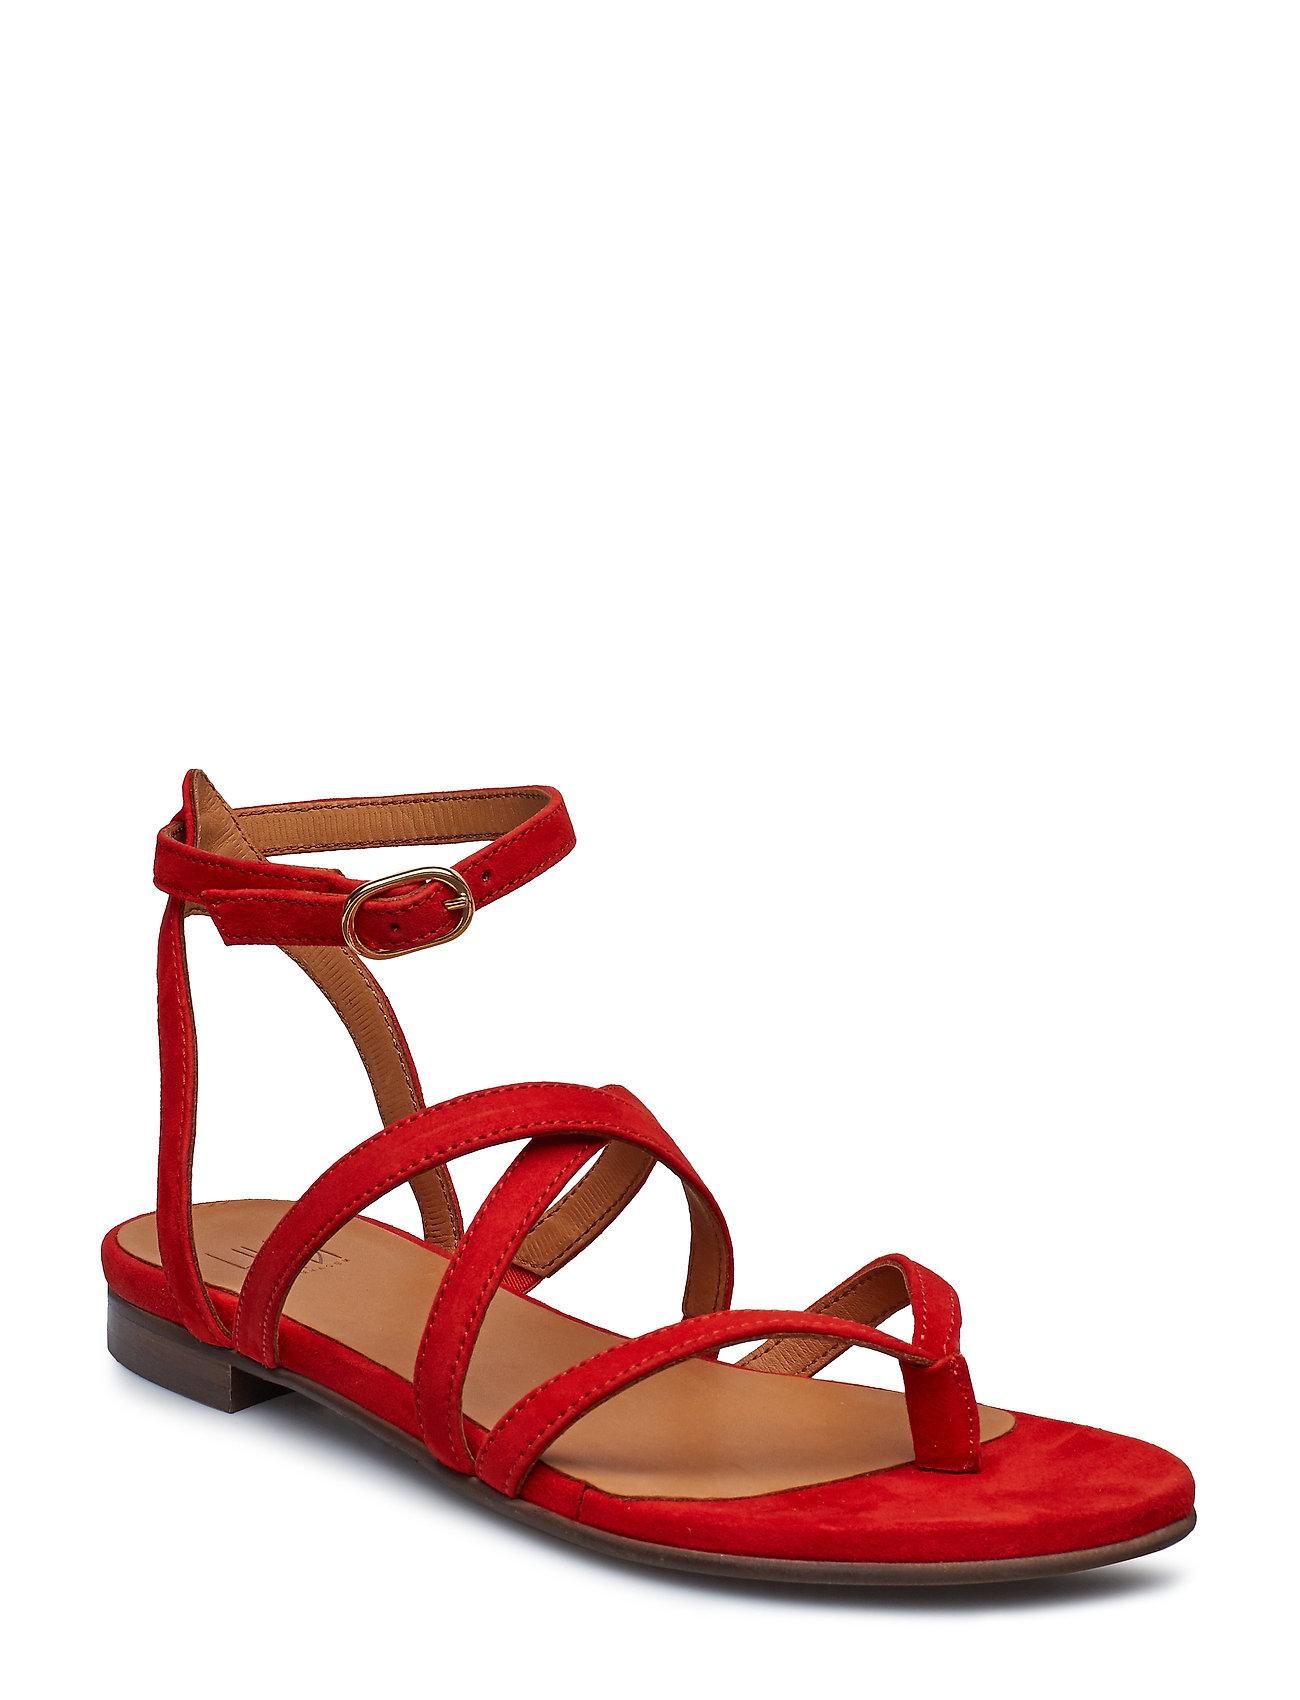 6a6d3c8f Billi Bi flade sandaler – Sandals 8706 til dame i SUMMER RED 1577 ...